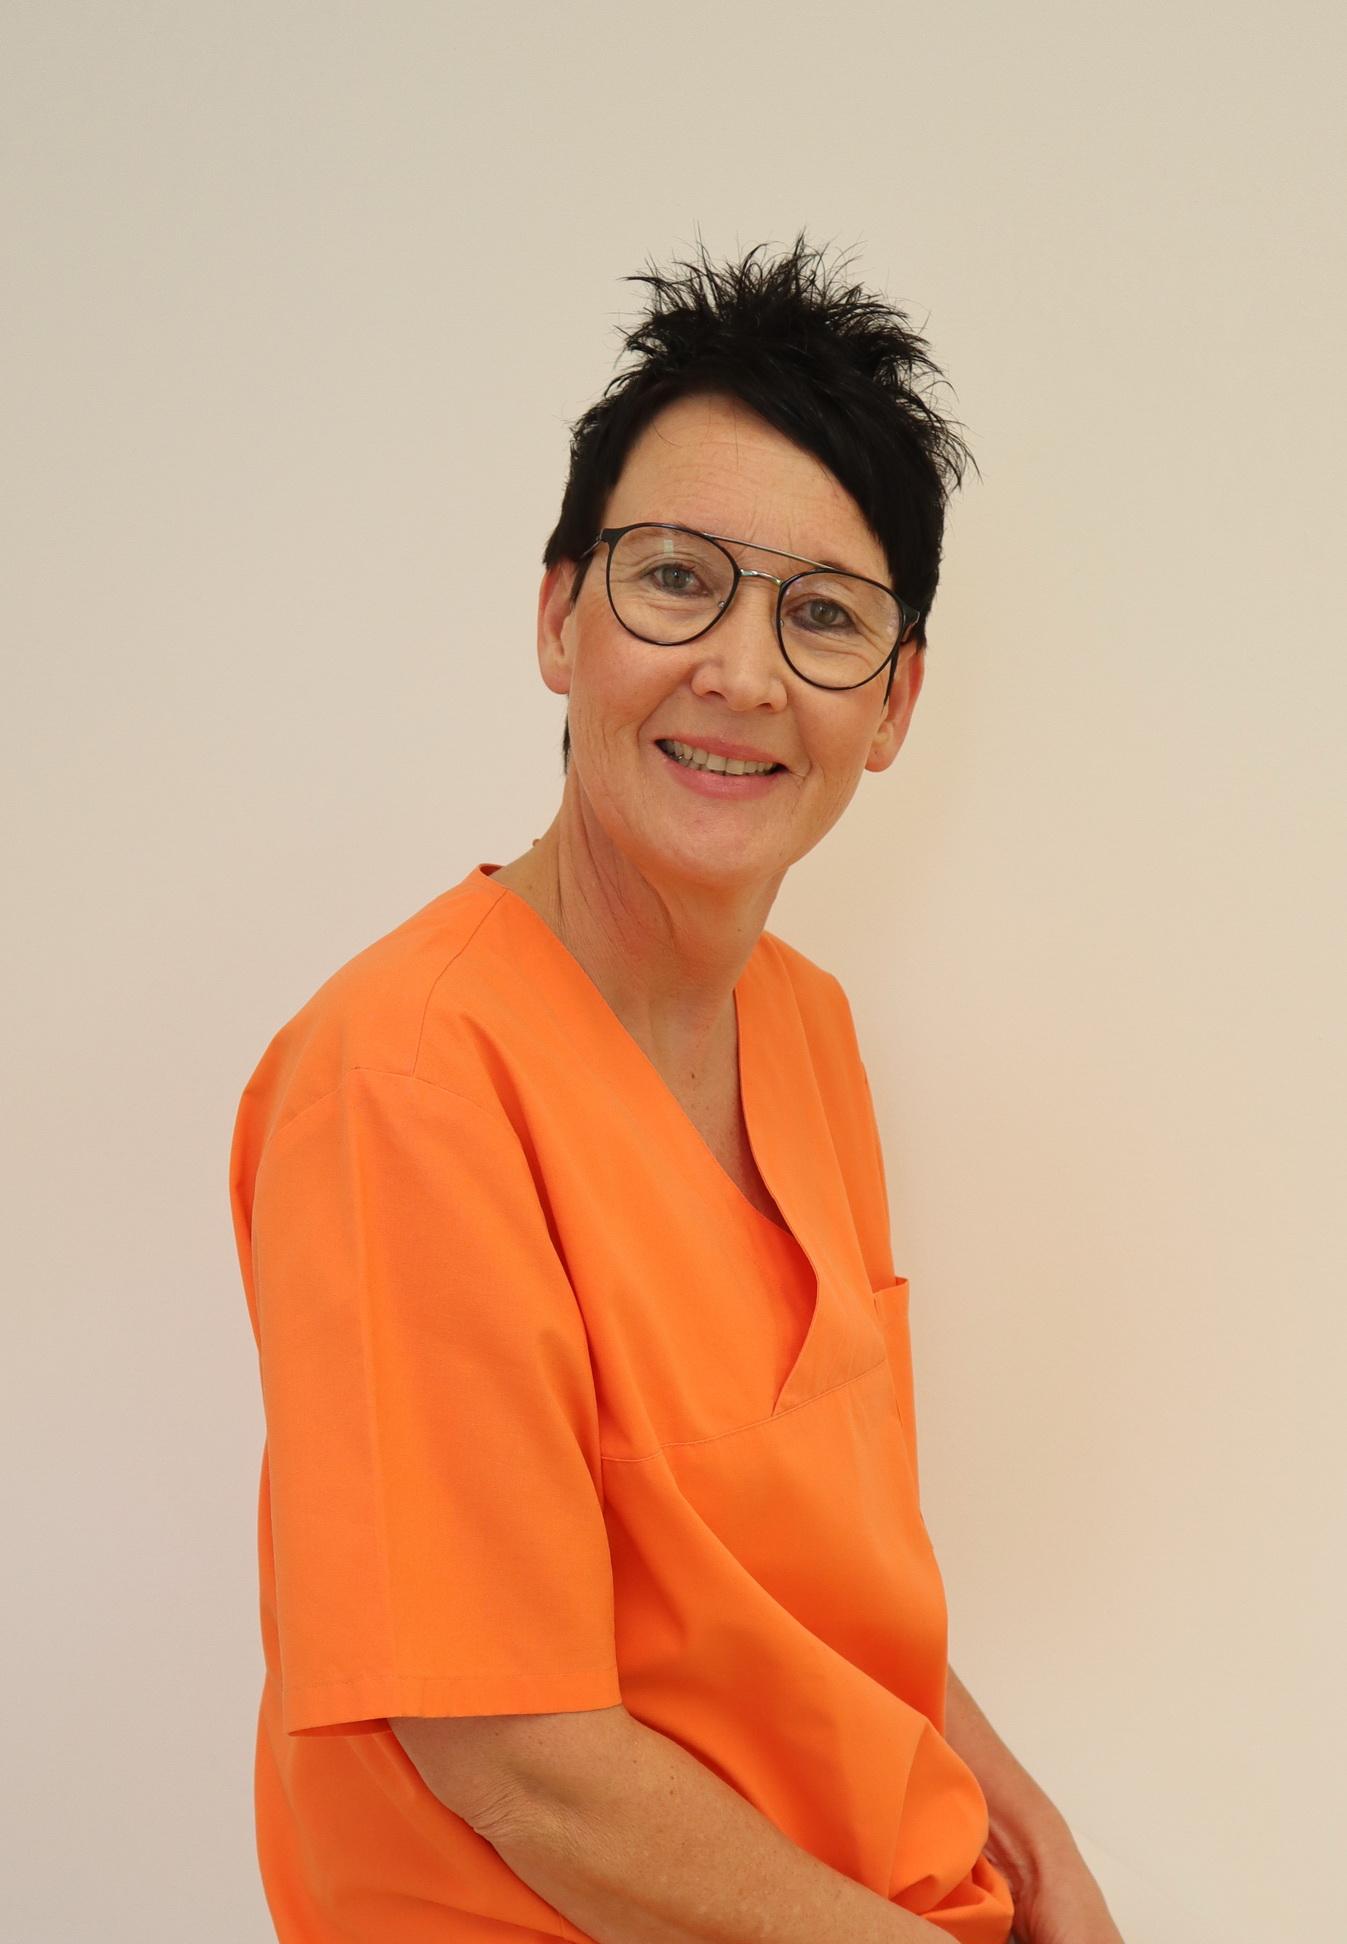 Profilbild Elke Rolf / Zahnarzthelferin